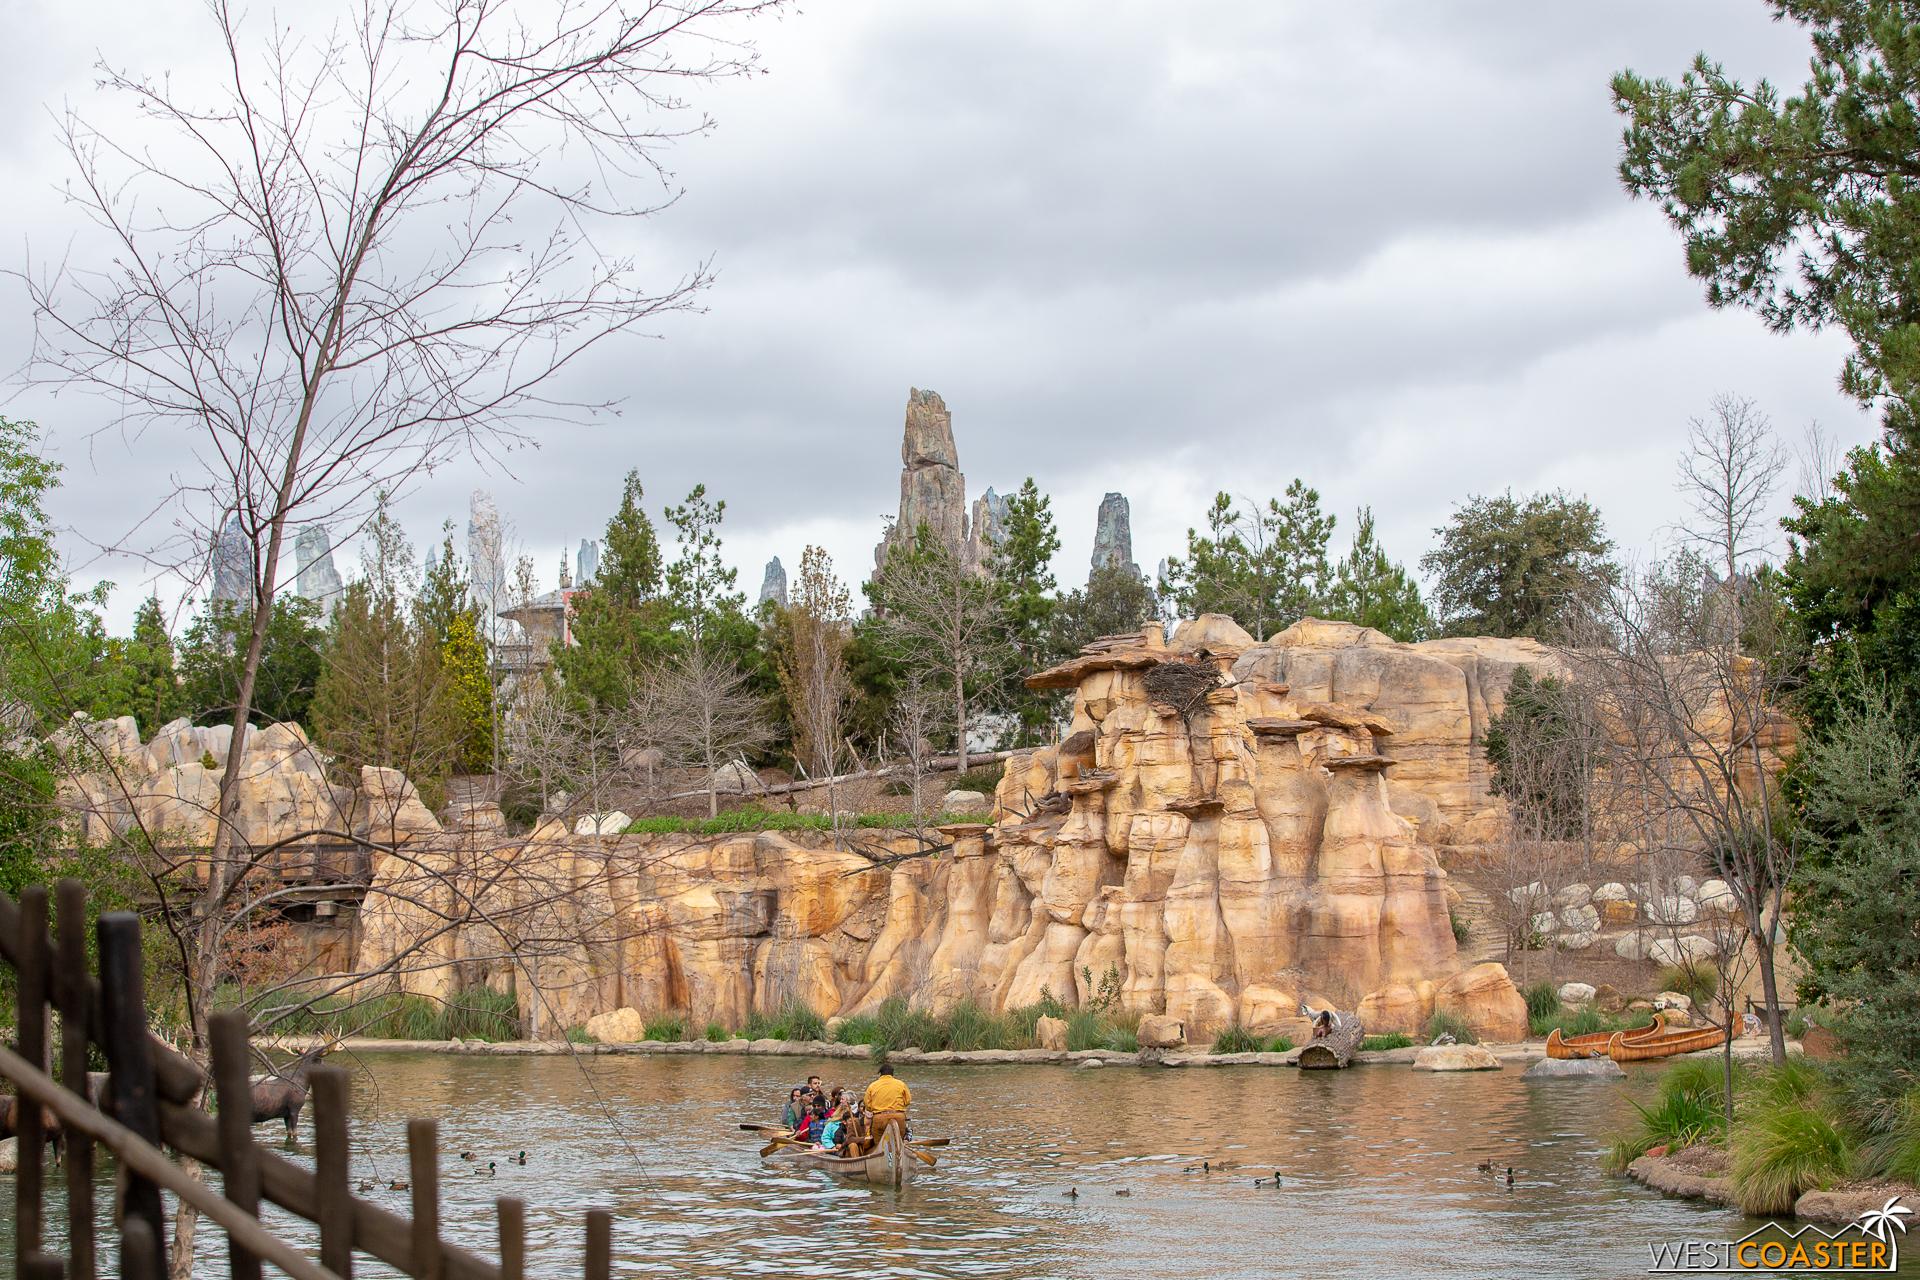 Westcoaster Disneyland Update 2-19-15.jpg